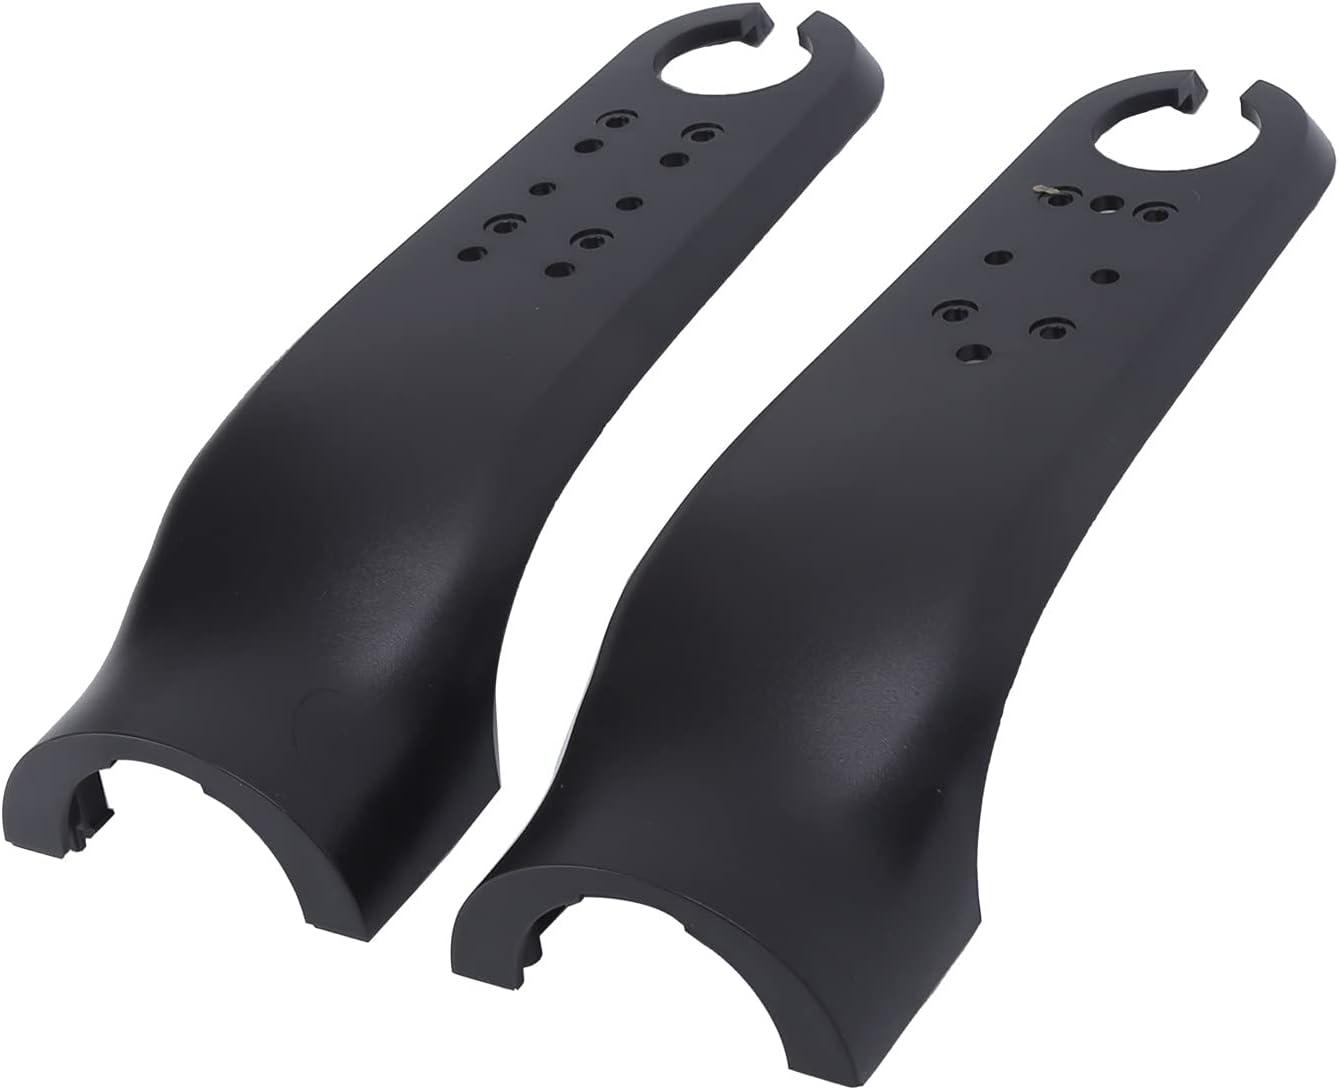 Horquillas Delanteras Para Scooter, Horquilla Delantera Resistente Y Ligera Para Scooter Eléctrico Para M365 / M365PRO / PRO2 / 1S / Lite(gris)